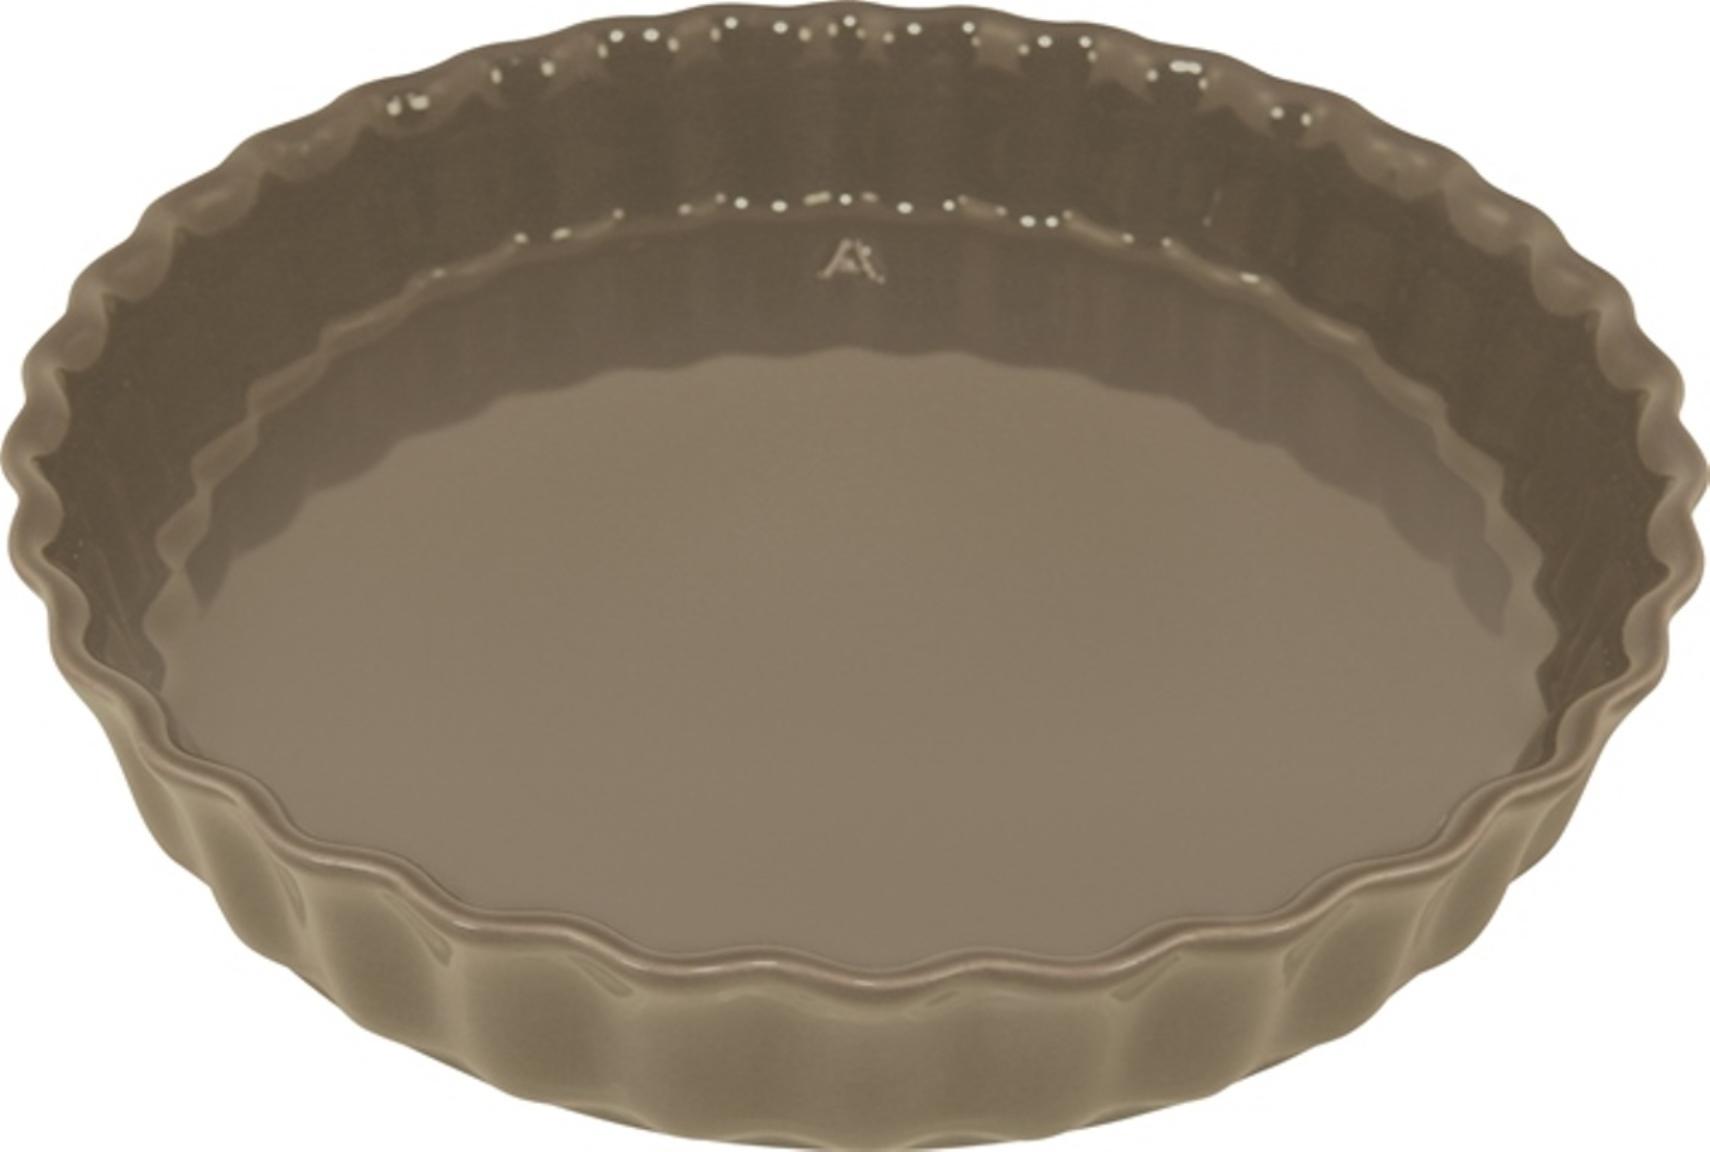 Форма для пирога 28 см Appolia Delices SAND 11028019Формы для запекания (выпечки)<br>Форма для пирога 28 см Appolia Delices SAND 11028019<br><br>Благодаря большому разнообразию изящных форм и широкой цветовой гамме, коллекция DELICES предлагает всевозможные варианты приготовления блюд для себя и гостей. Выбирайте цвета в соответствии с вашими желаниями и вашей кухне. Закругленные углы облегчают чистку. Легко использовать. Большие удобные ручки. Прочная жароустойчивая керамика экологична и изготавливается из высококачественной глины. Прочная глазурь устойчива к растрескиванию и сколам, не содержит свинца и кадмия. Глина обеспечивает медленный и равномерный нагрев, деликатное приготовление с сохранением всех питательных веществ и витаминов, а та же долго сохраняет тепло, что удобно при сервировке горячих блюд.<br>